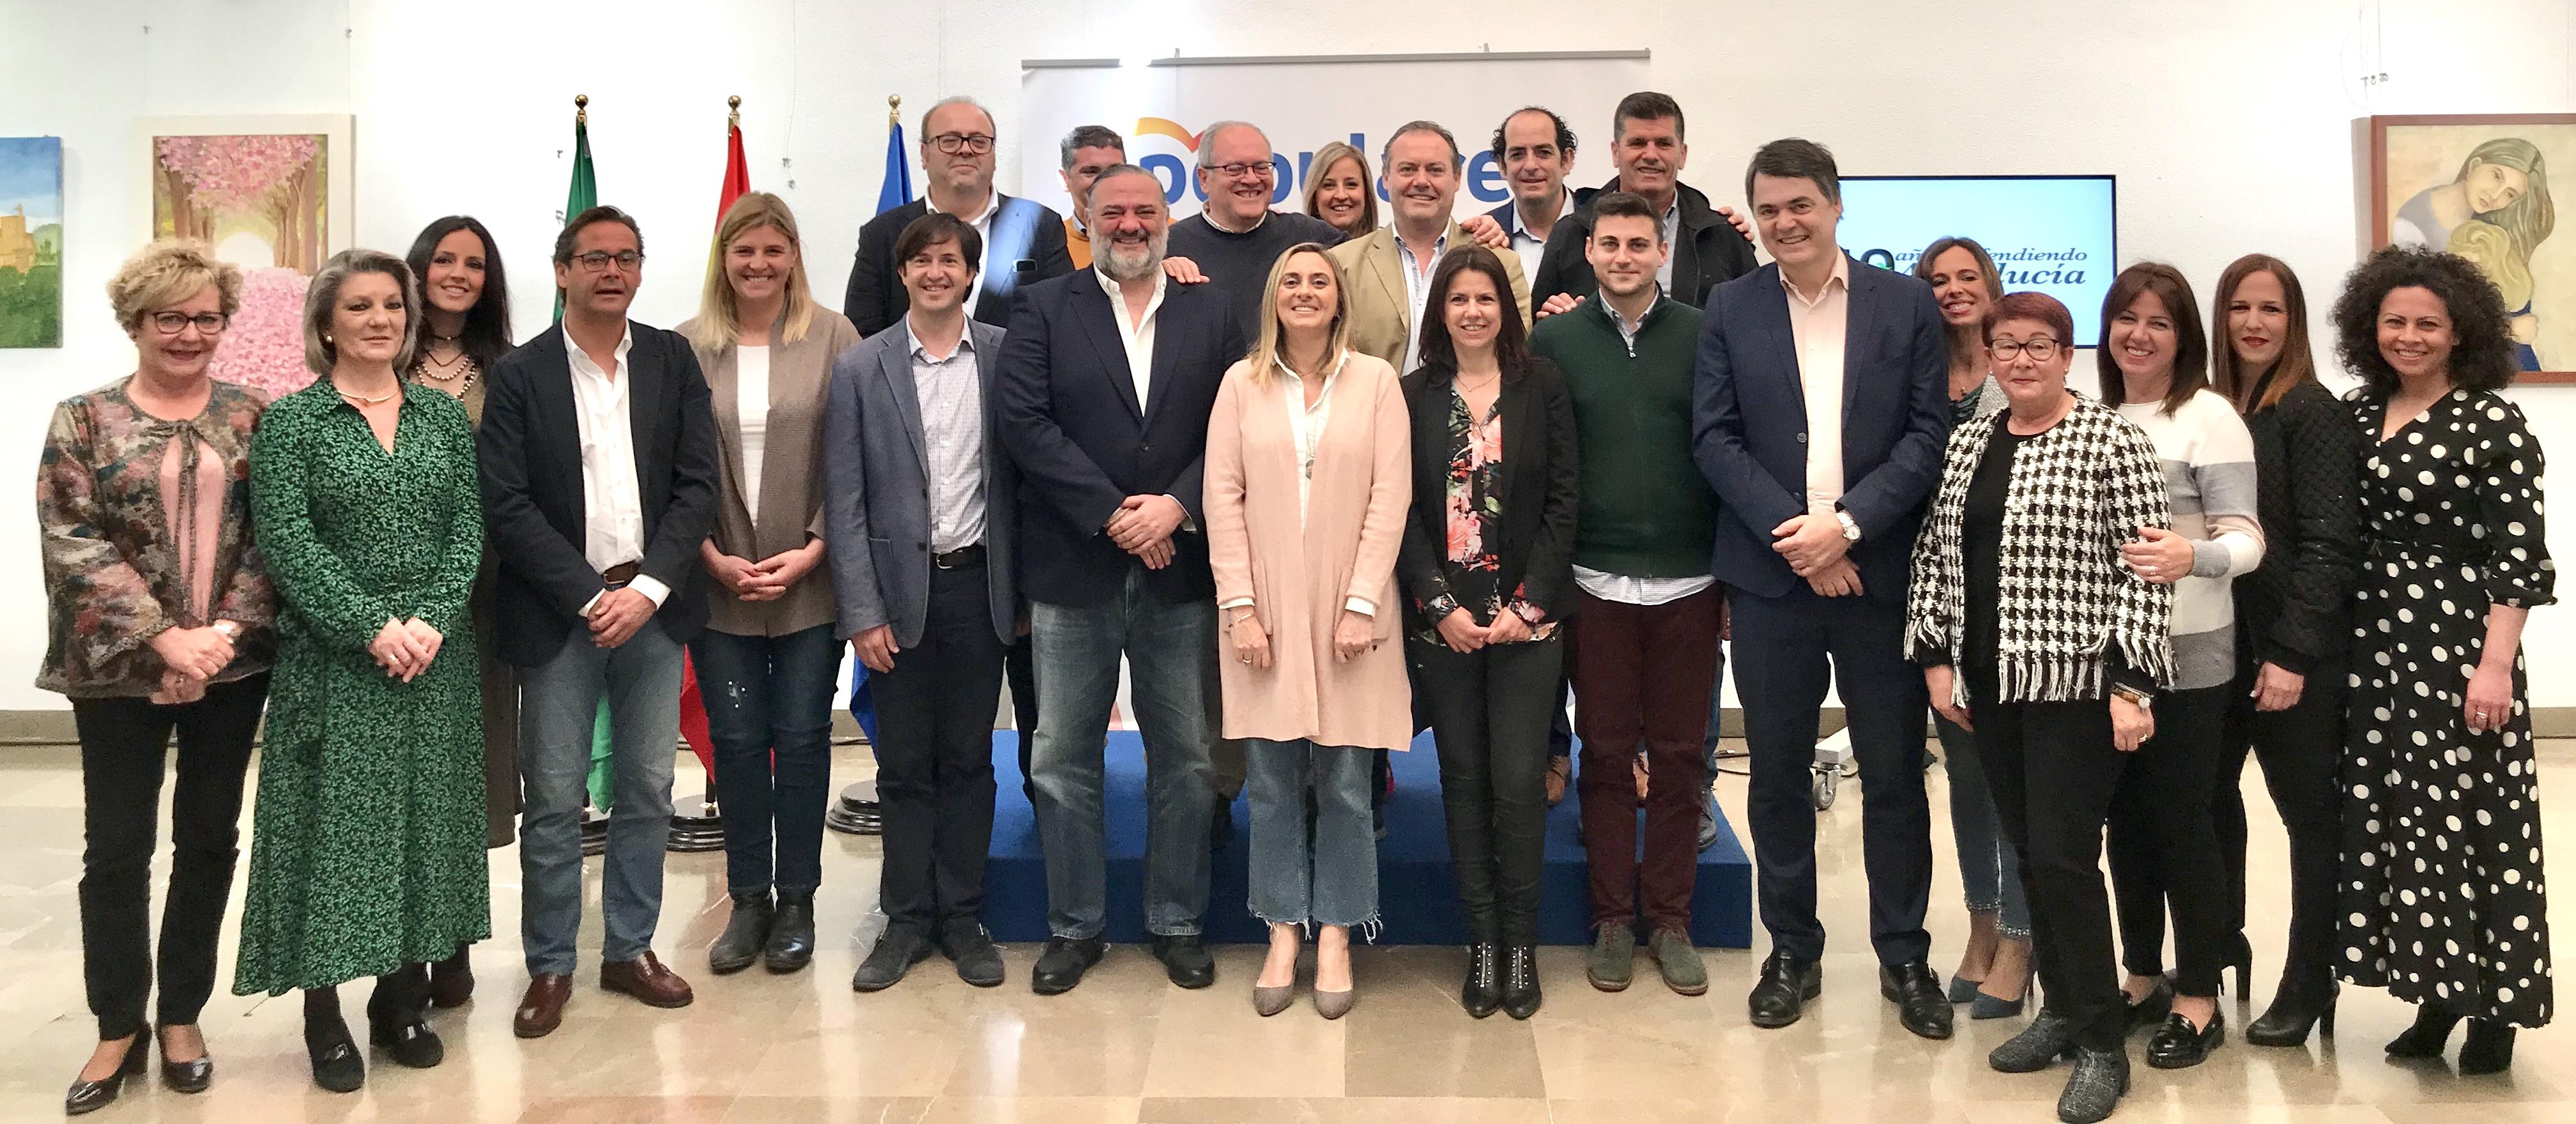 El PP clausura un acto en defensa de Andalucía en Churriana